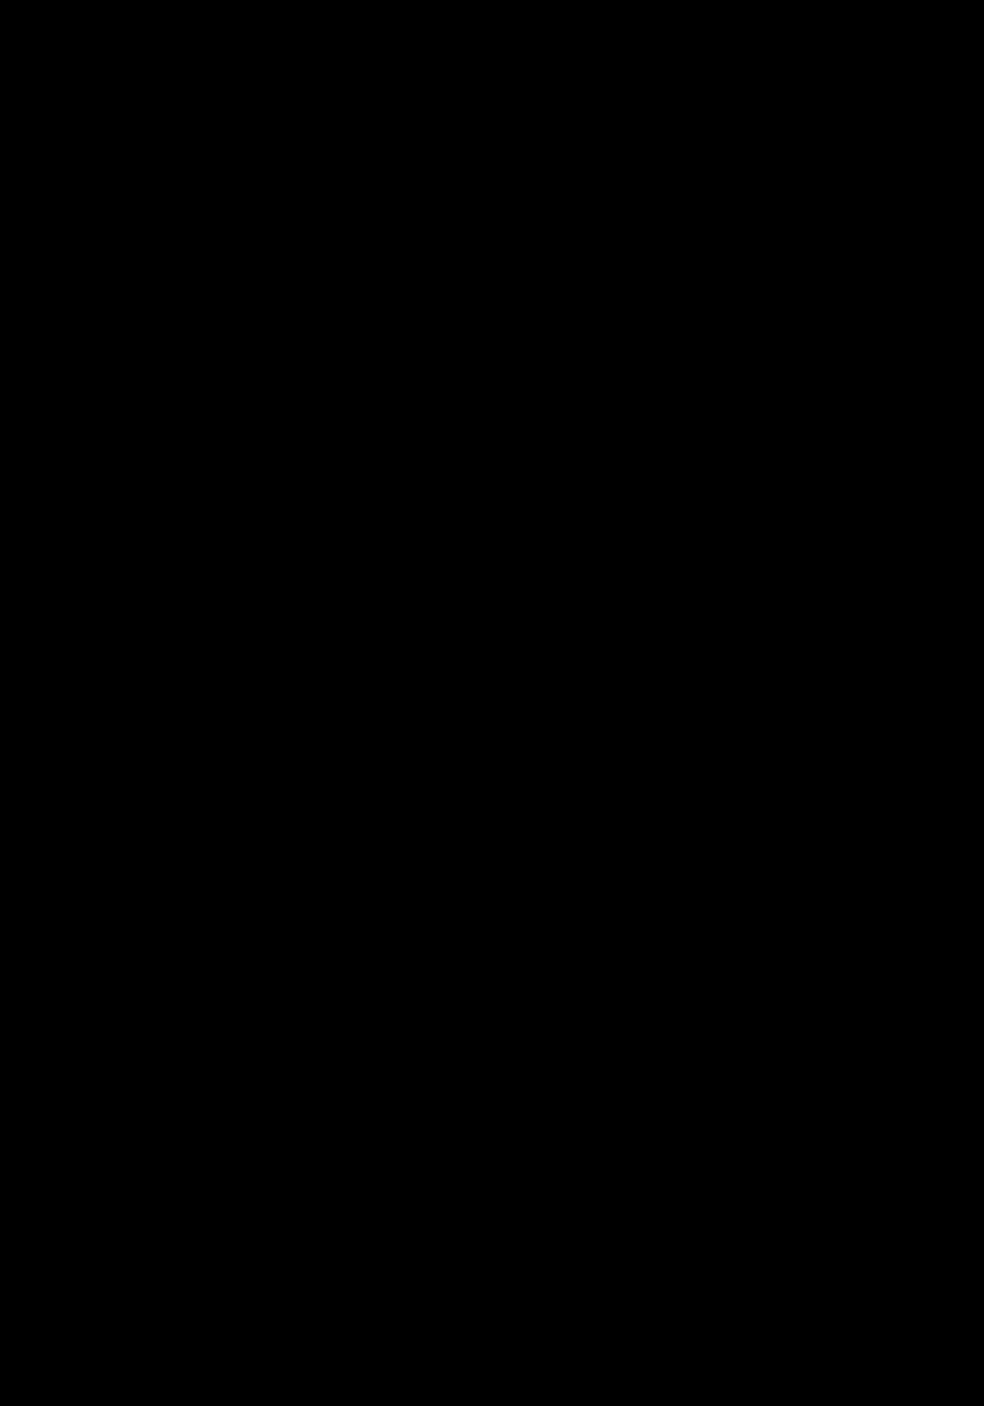 石井太明朝 オールドスタイル大がな BM-A-OKL 横組見本